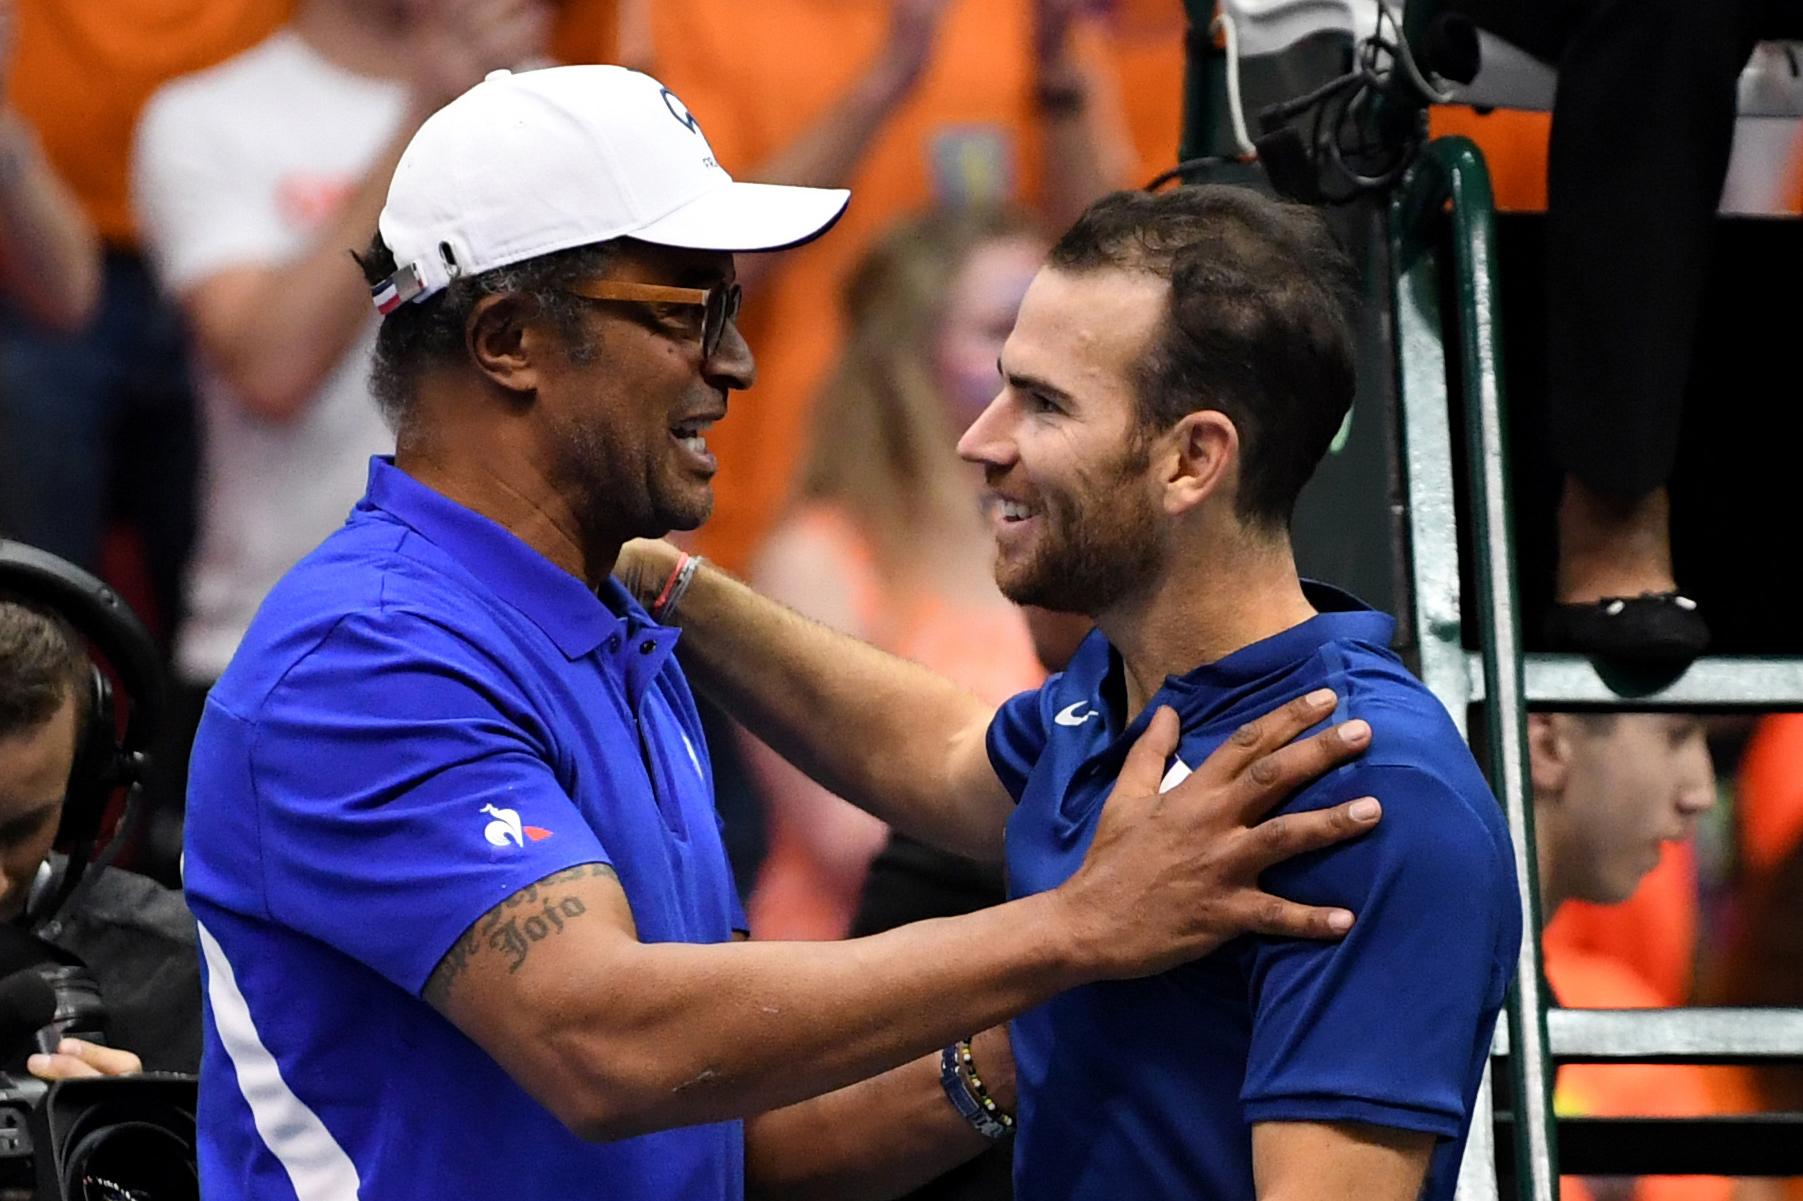 France pays bas les bonnes le ons d une victoire pas si facile coupe davis tennis - Coupe davis victoire france ...